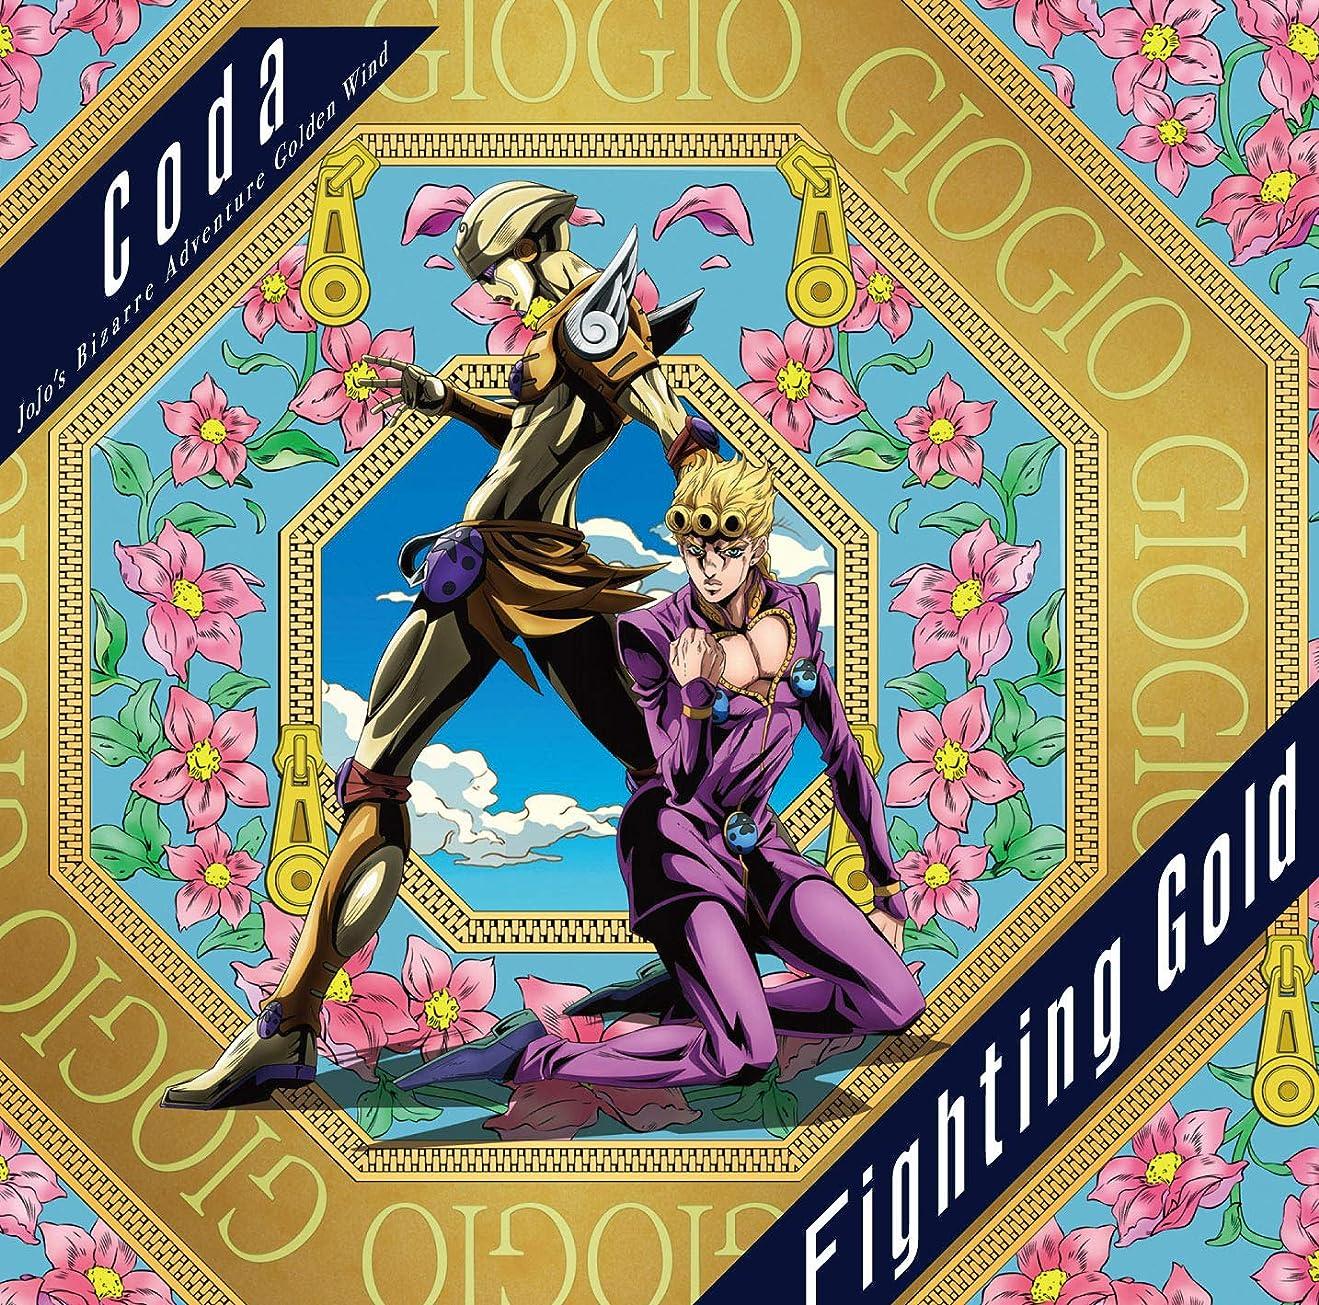 ホバート気になる爪Coda/Fighting Gold